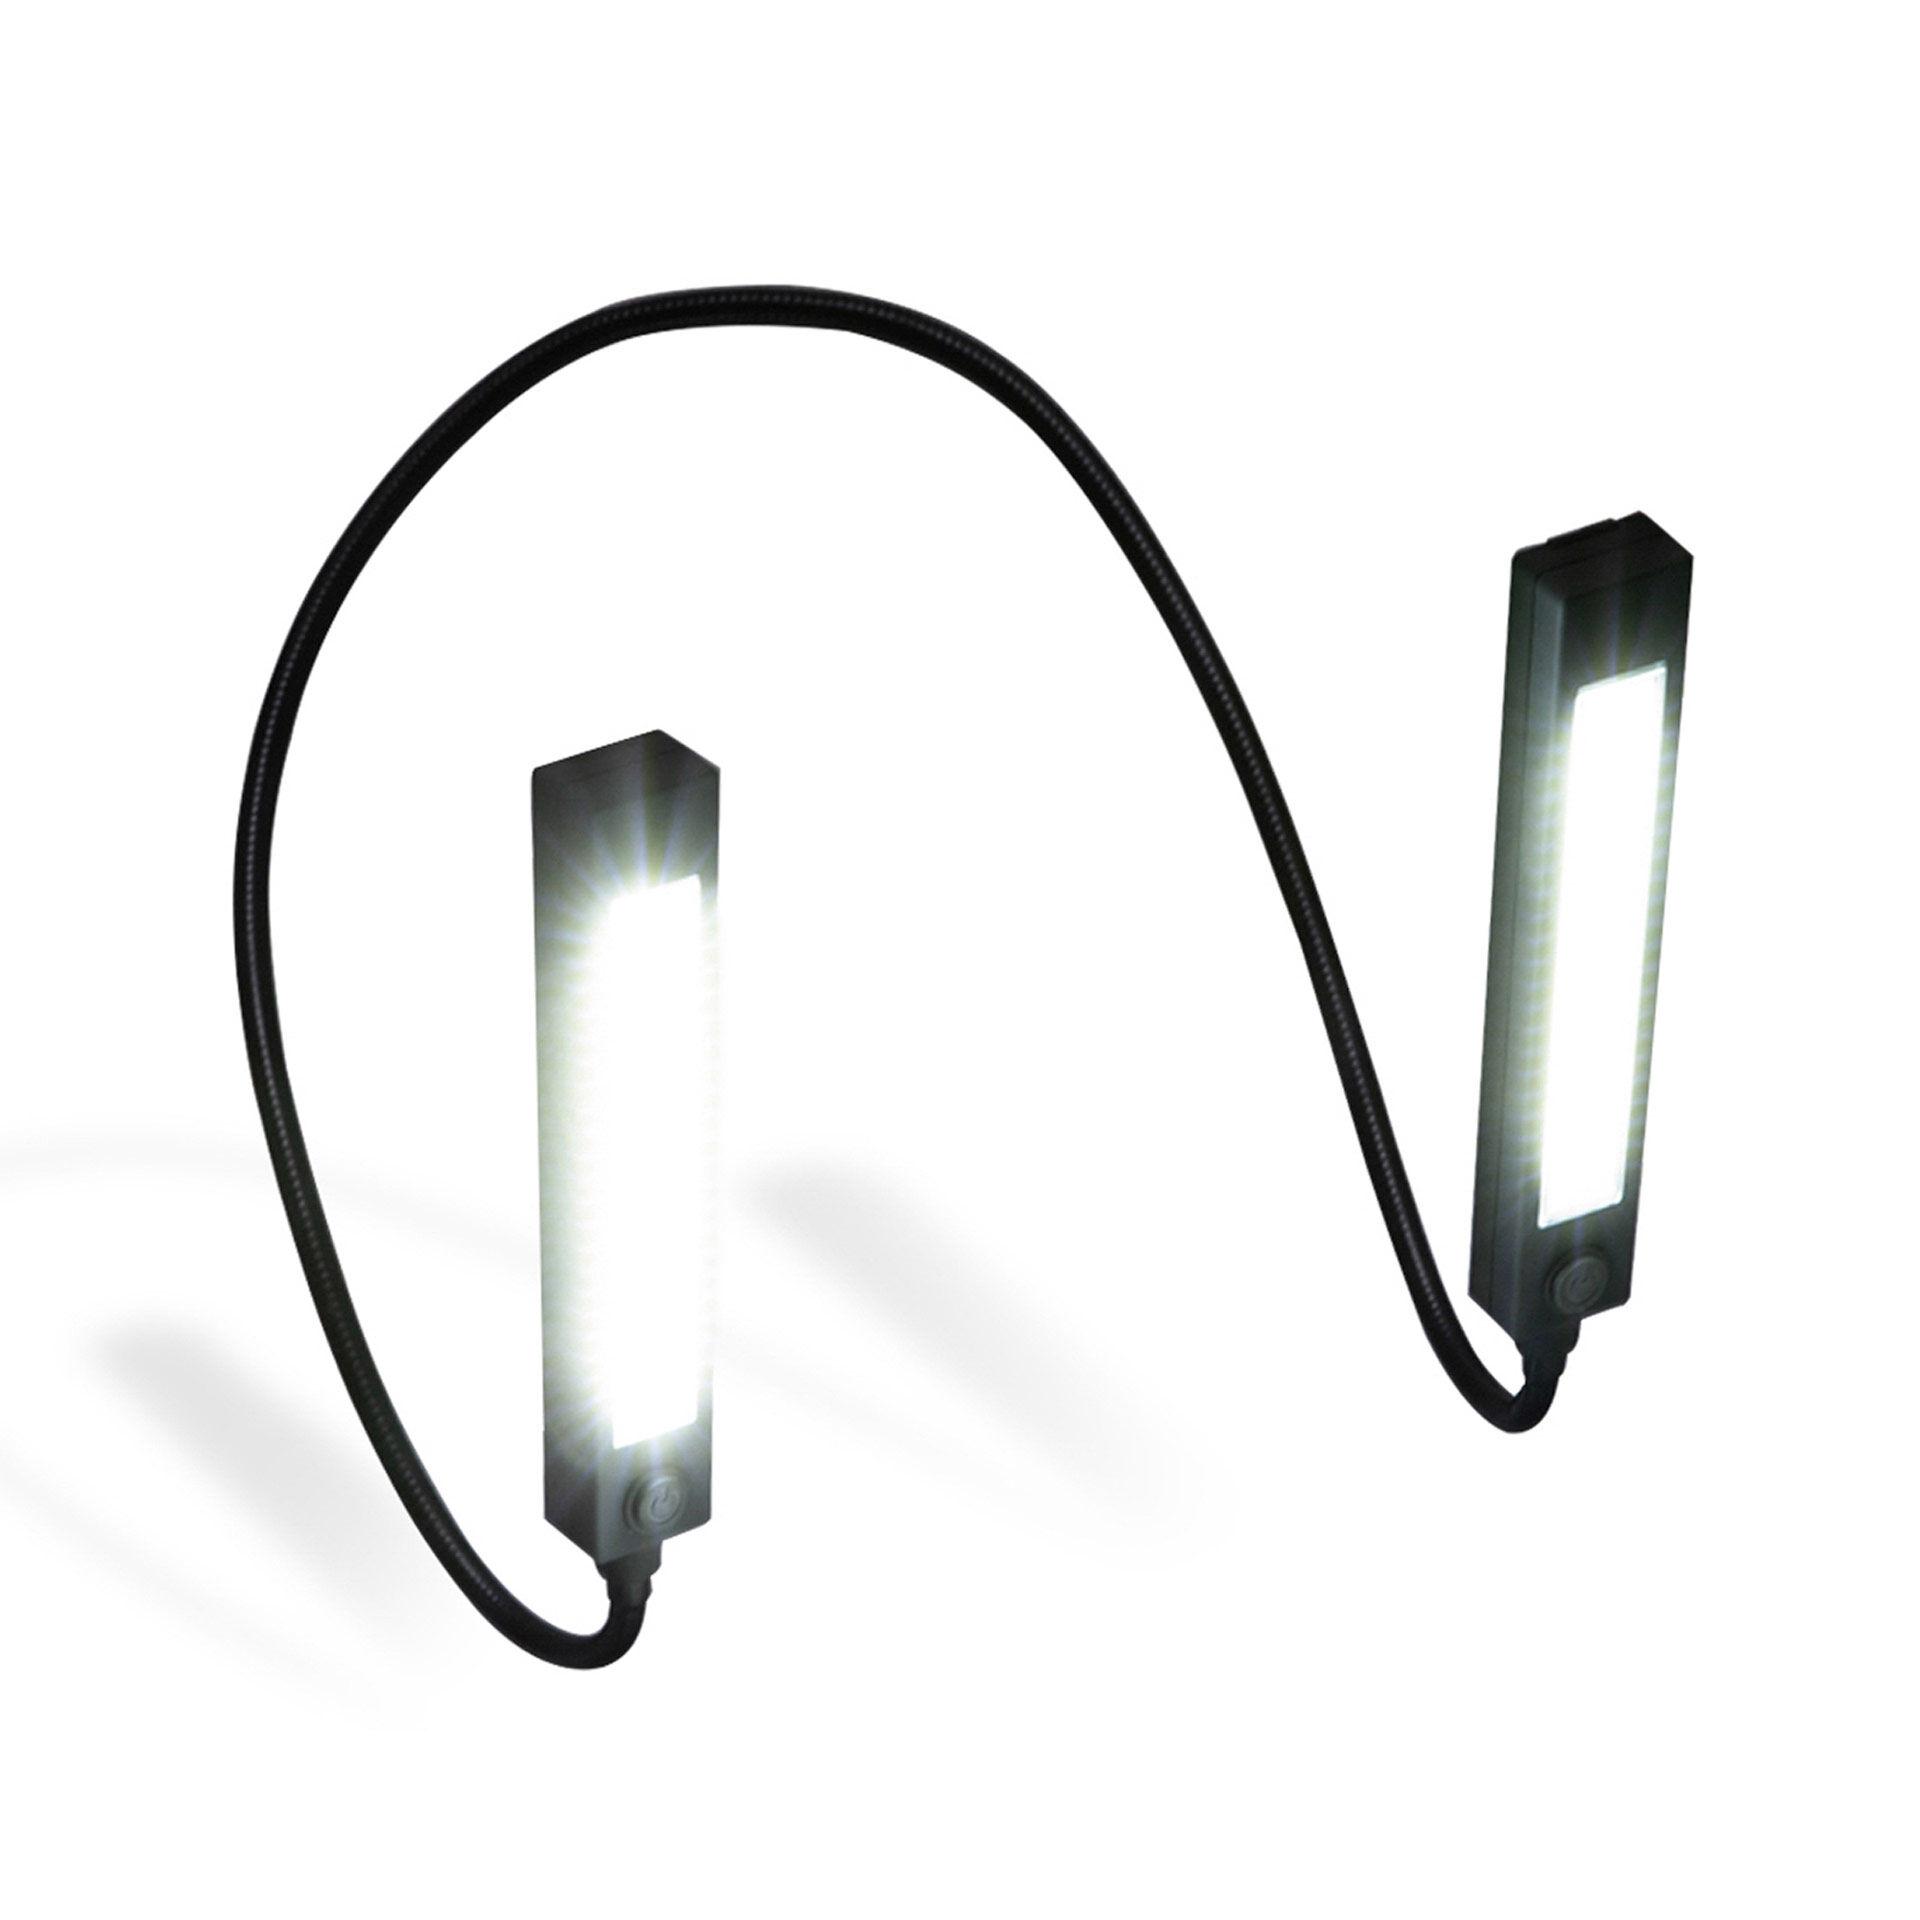 Lampe de cou à 2 têtes avec LED COB 120 lumens, , large